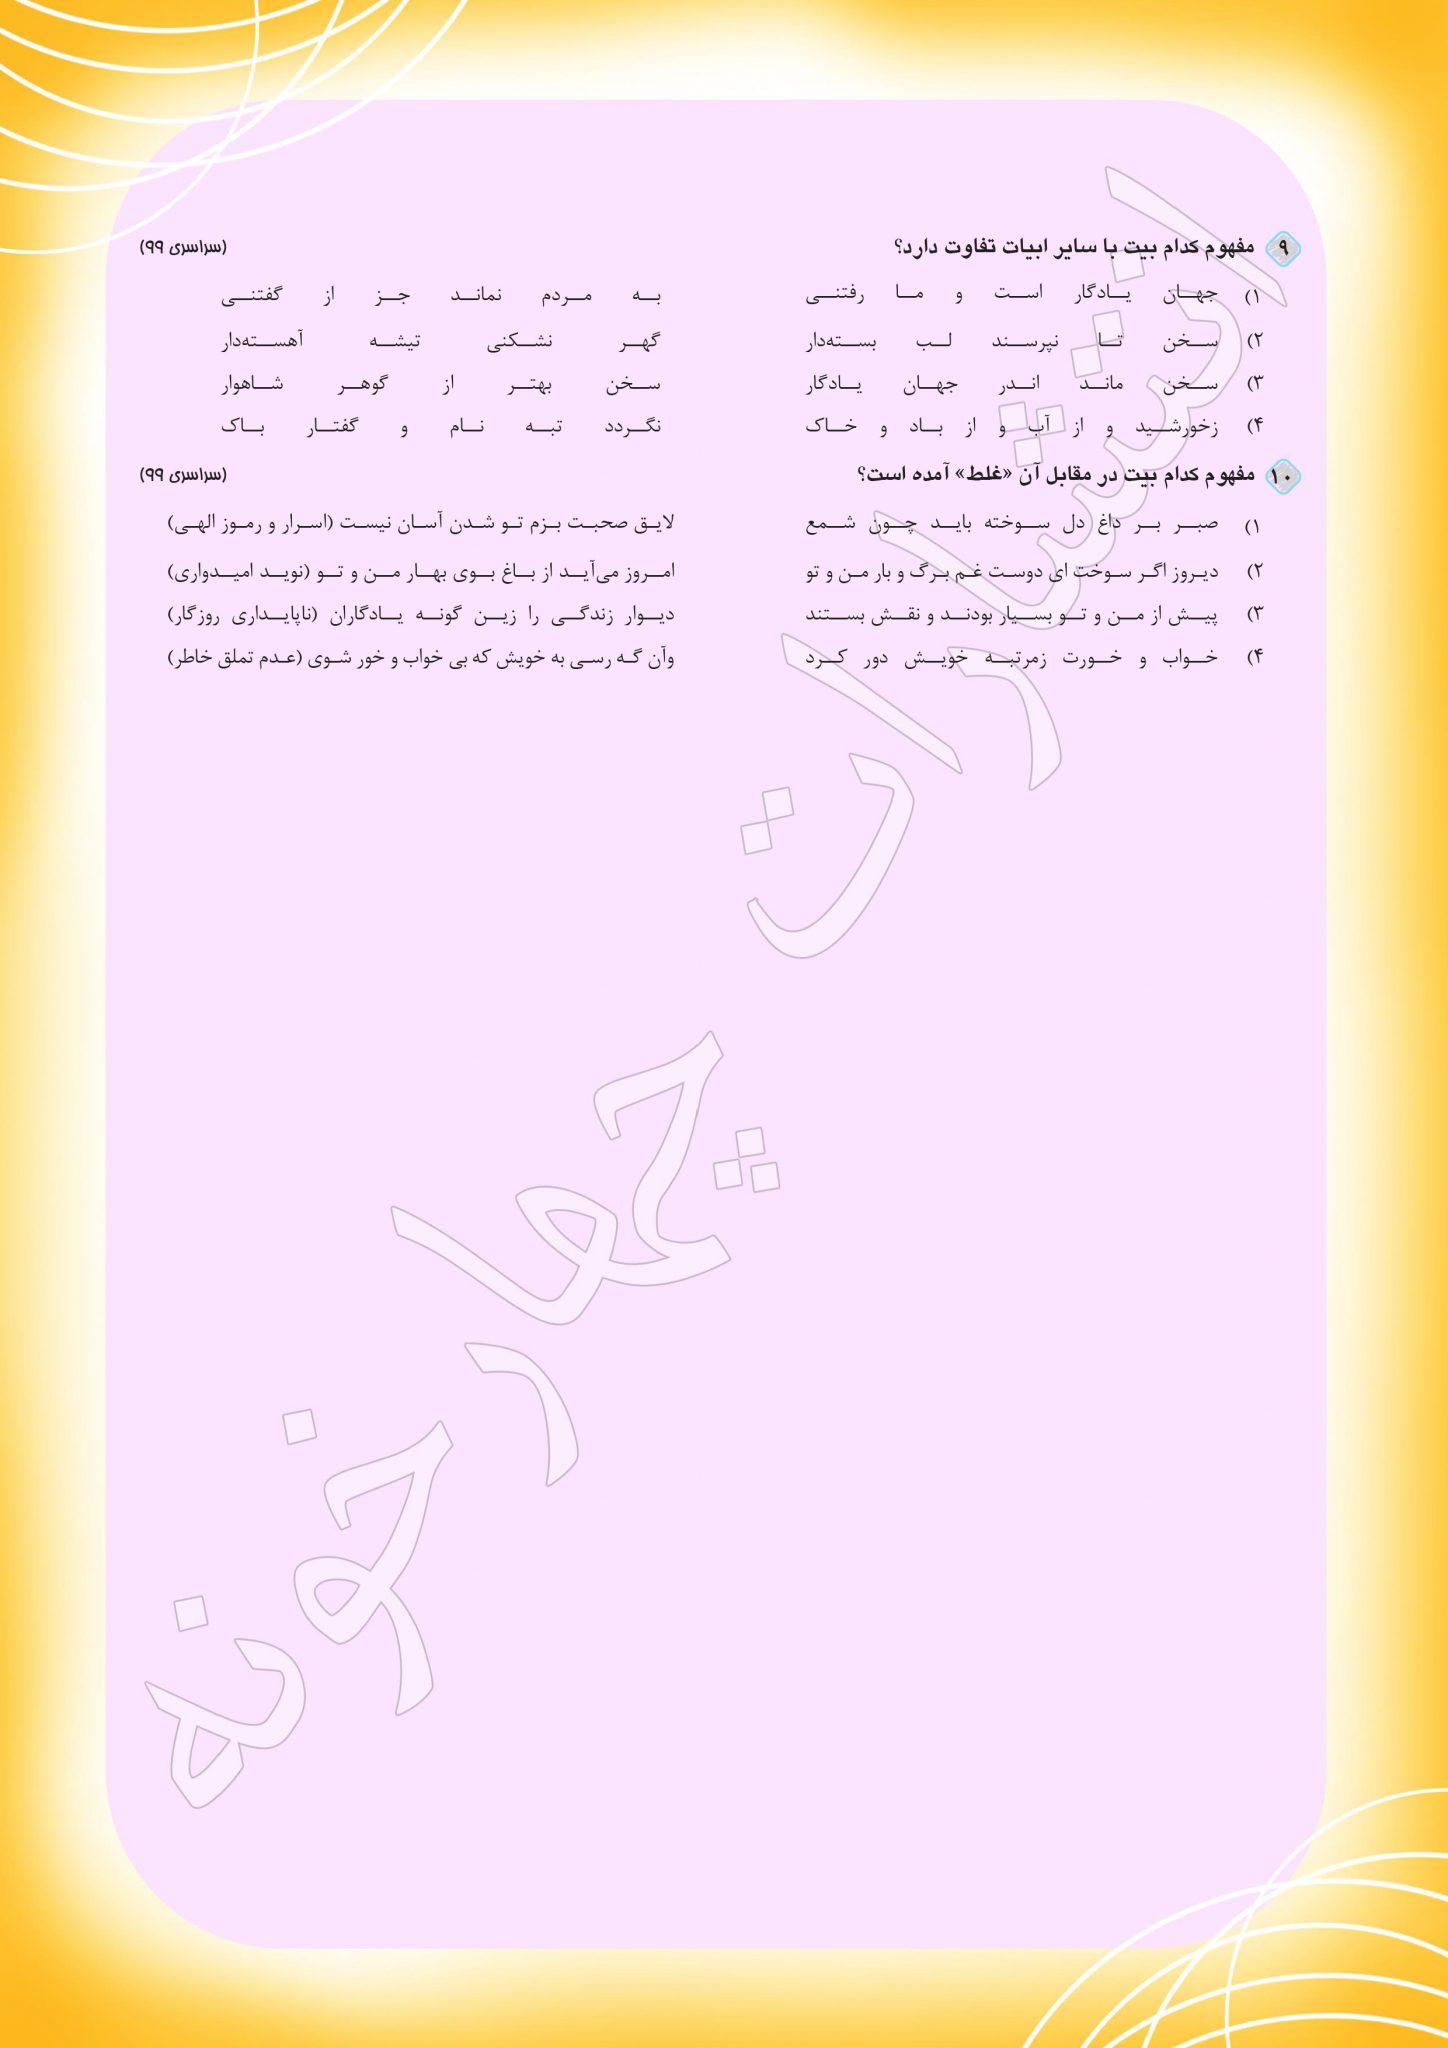 کنکور فارسی 3